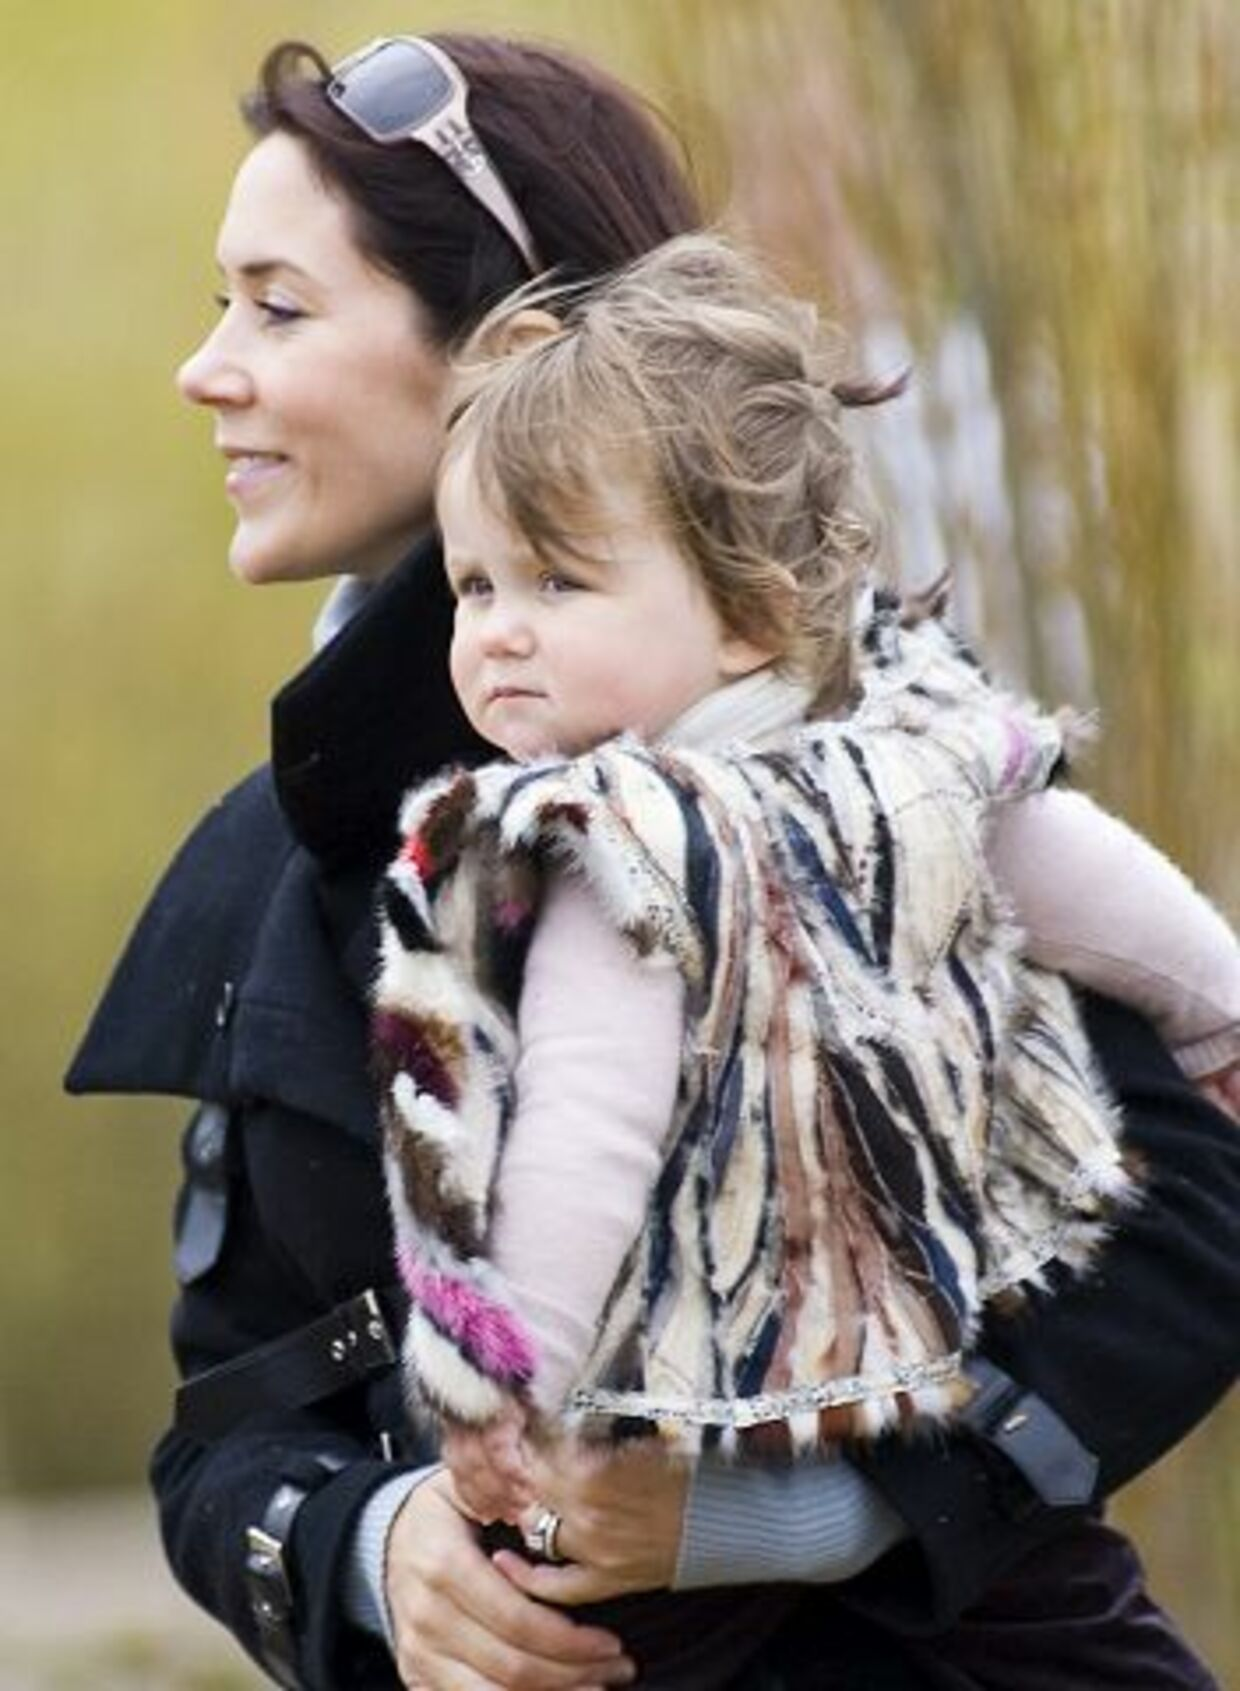 Kronprinsesse Mary har givet Isabella pels på. Det er faldet mange dyreaktivister for brystet.